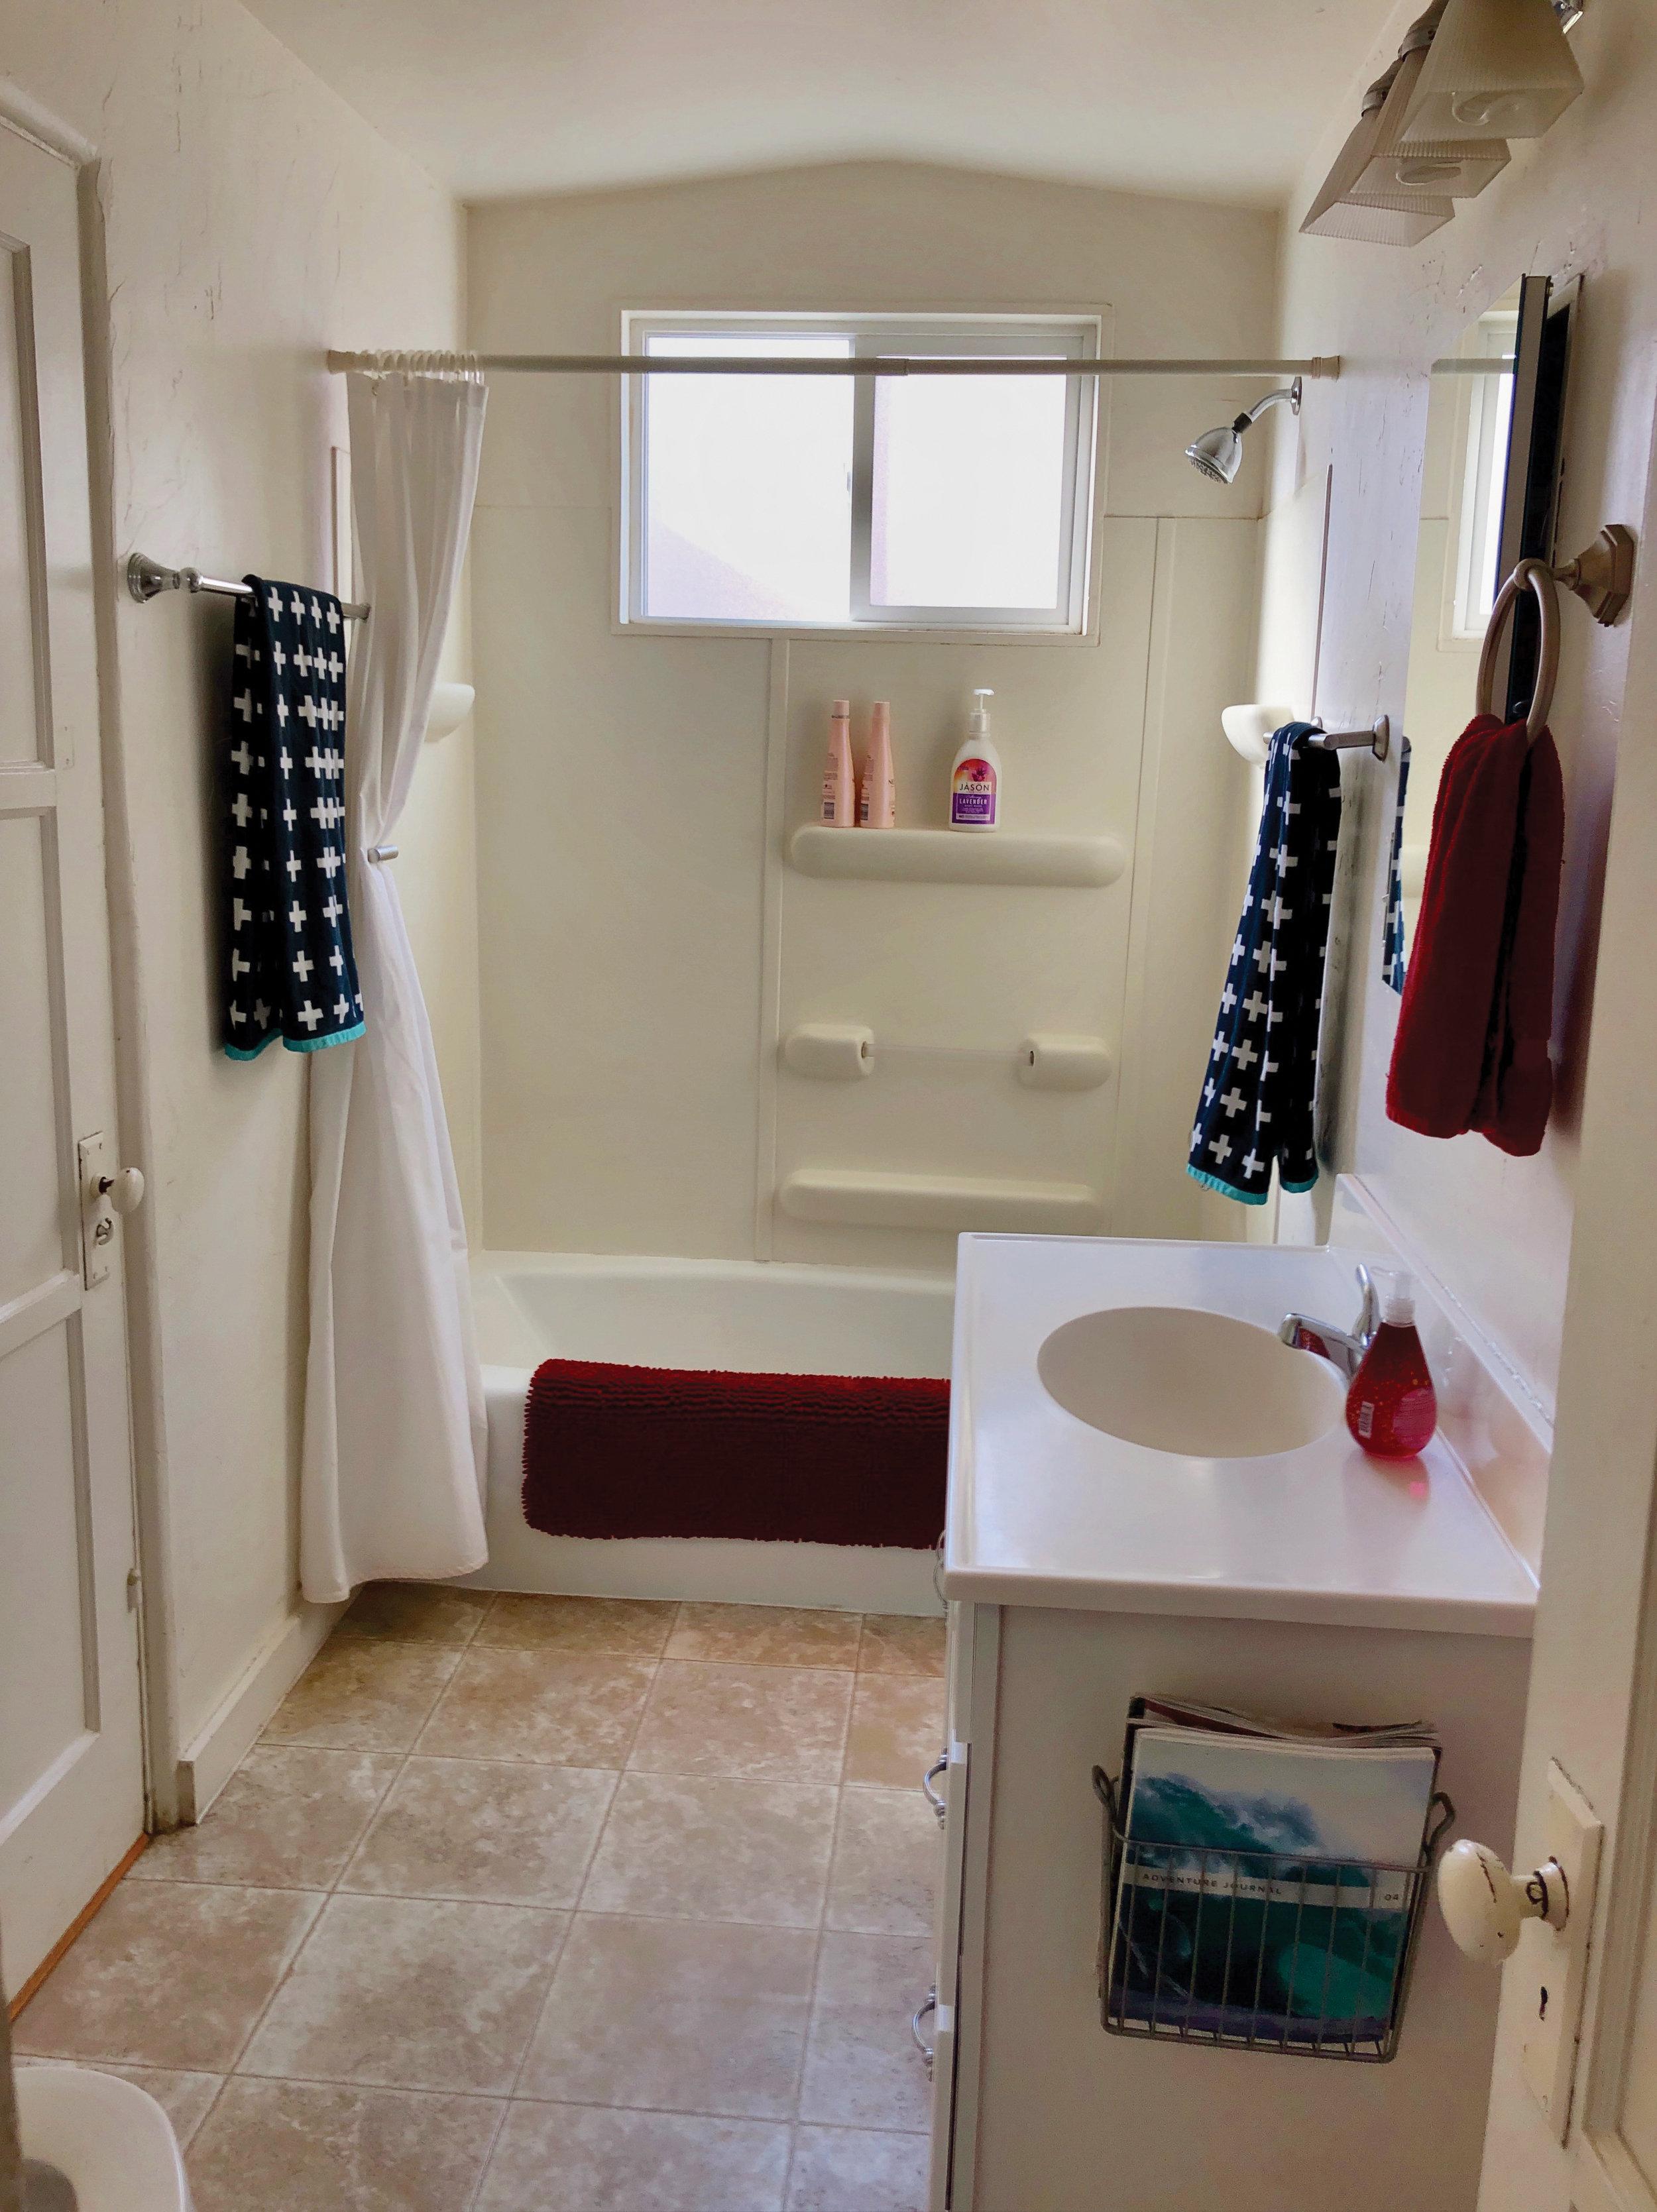 BathroomDownstairs.jpg